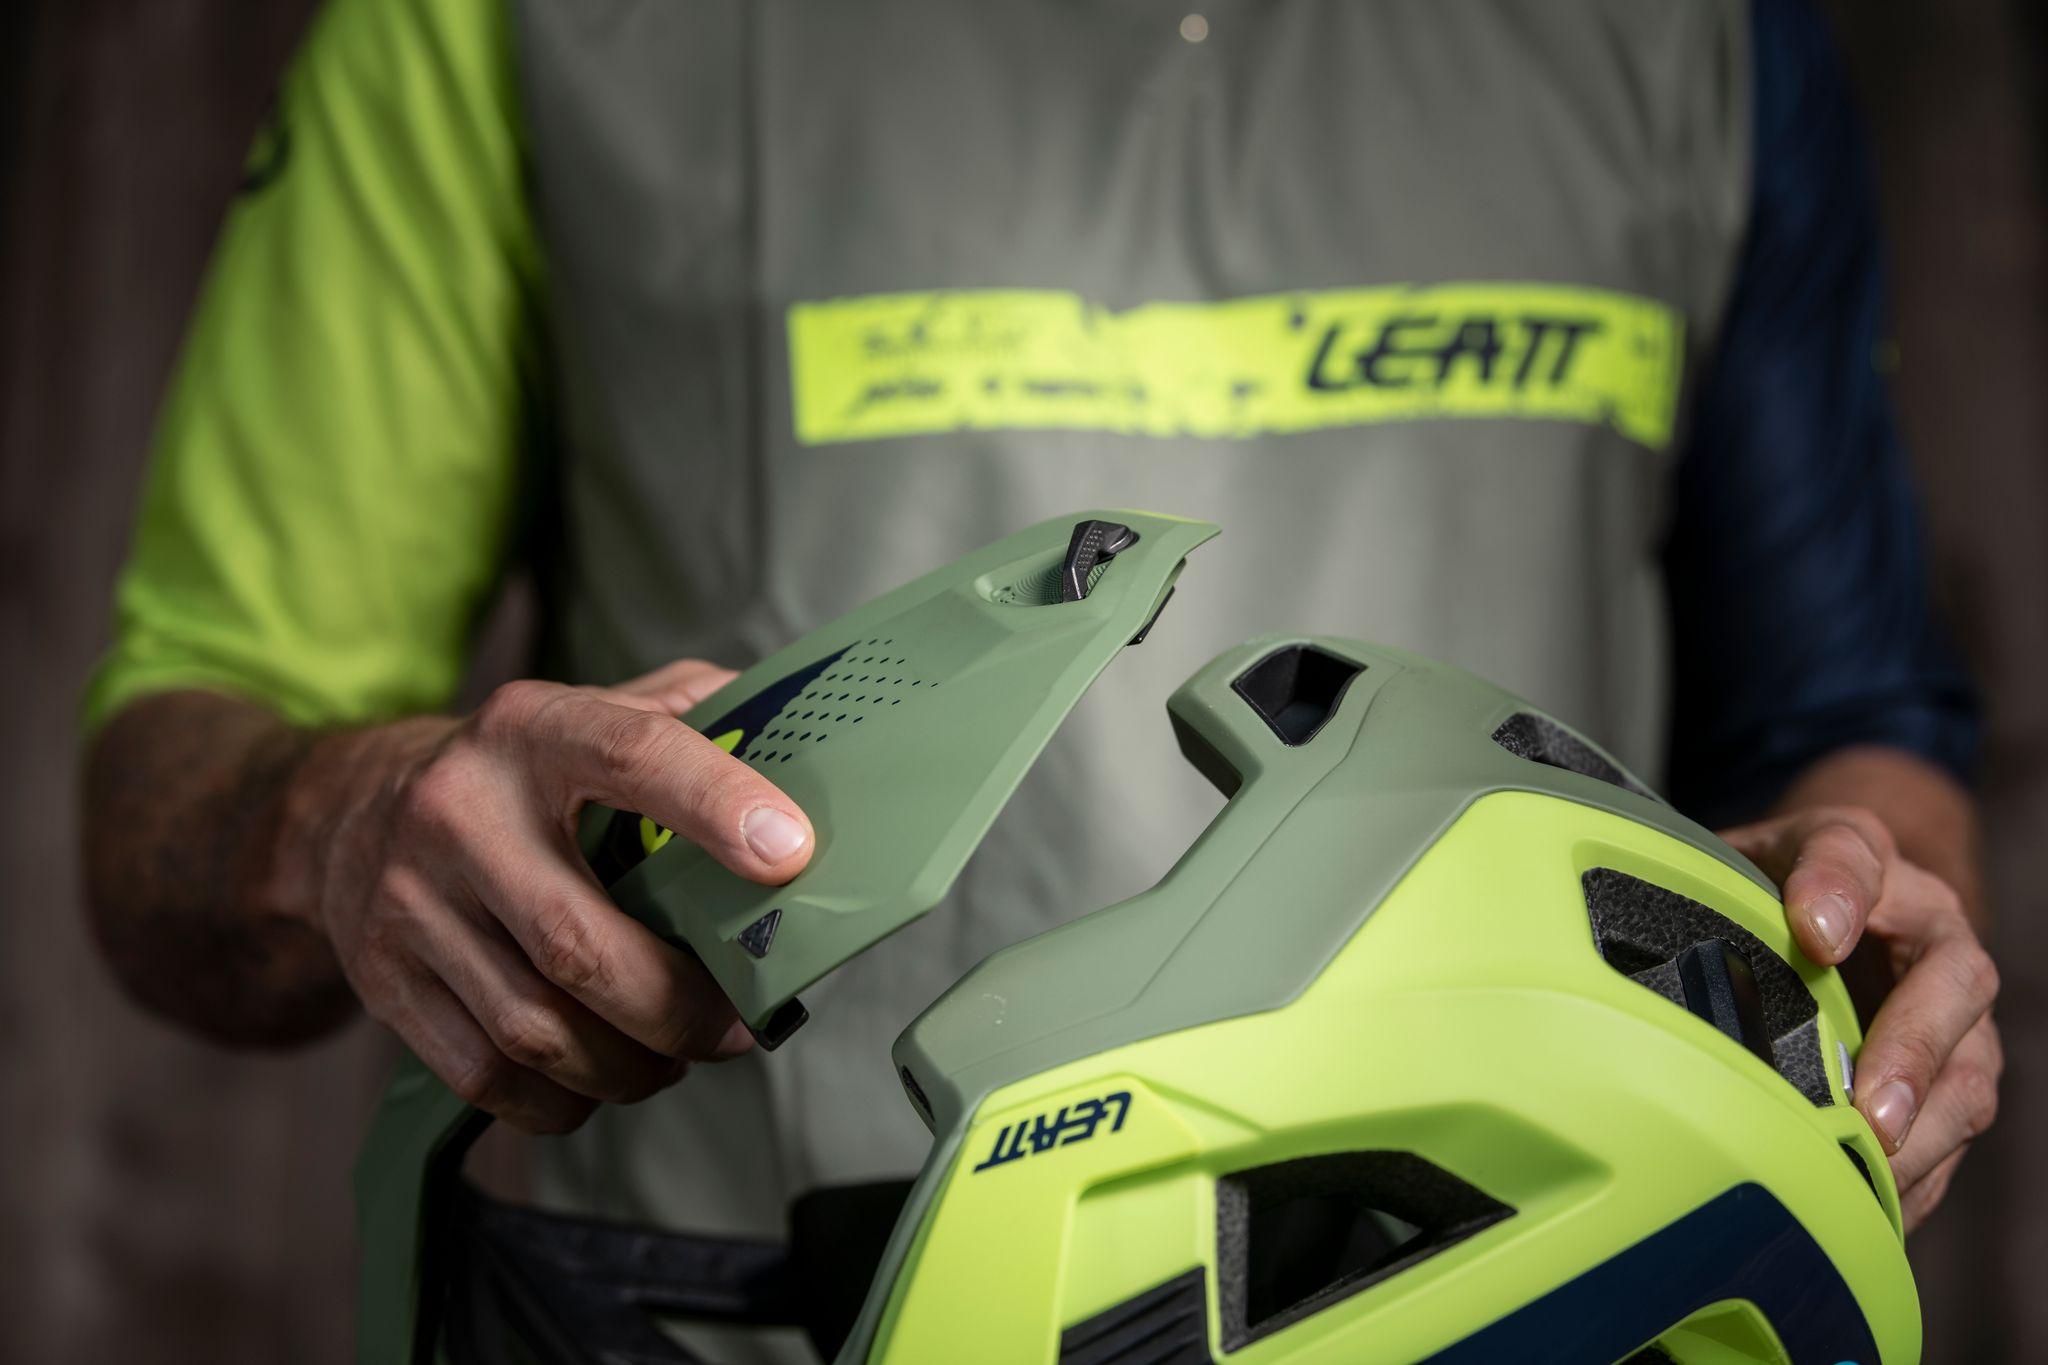 Leatt 4.0